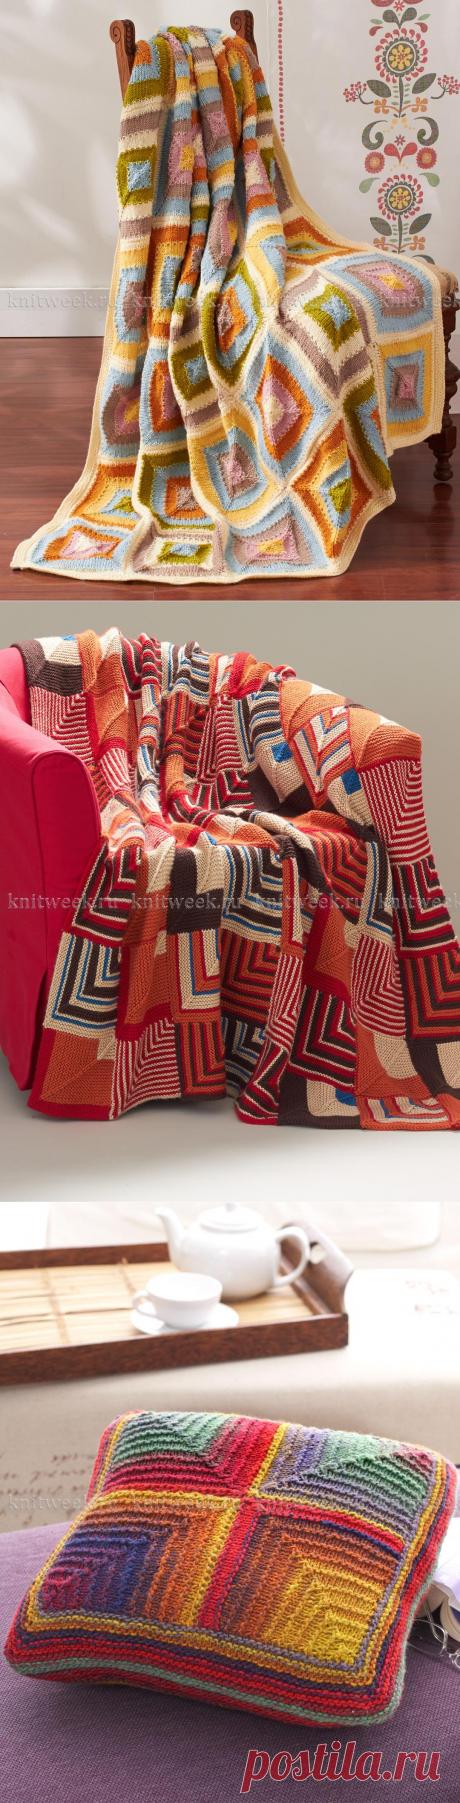 Вяжем спицами для дома: Одеяла из отдельных мотивов и Цветная диванная подушка. Спицами. / Обсуждение на LiveInternet - Российский Сервис Онлайн-Дневников